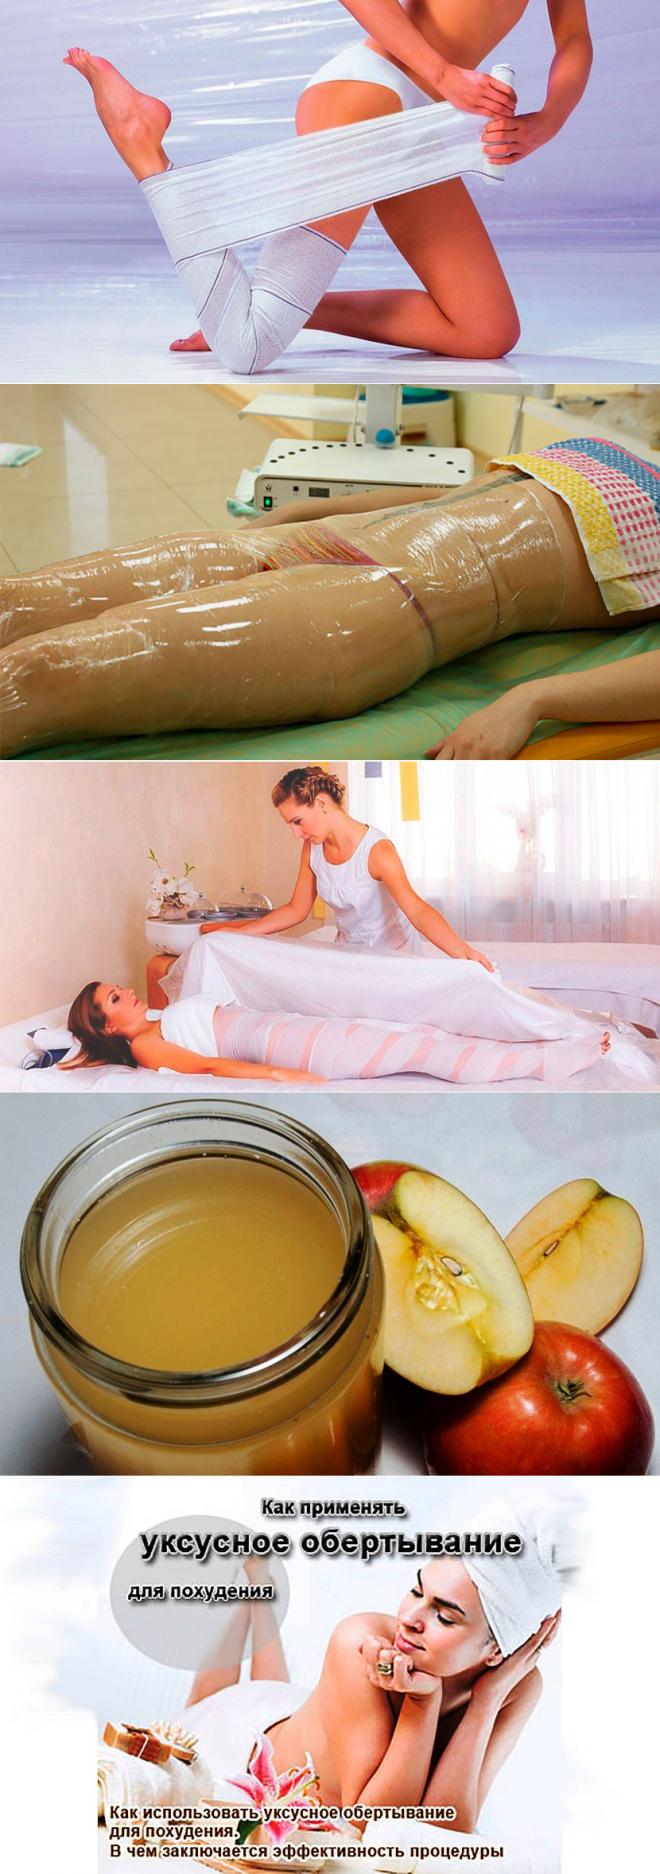 Пищевая пленка для похудения в домашних условиях: эффективные рецепты для каждой проблемной зоны